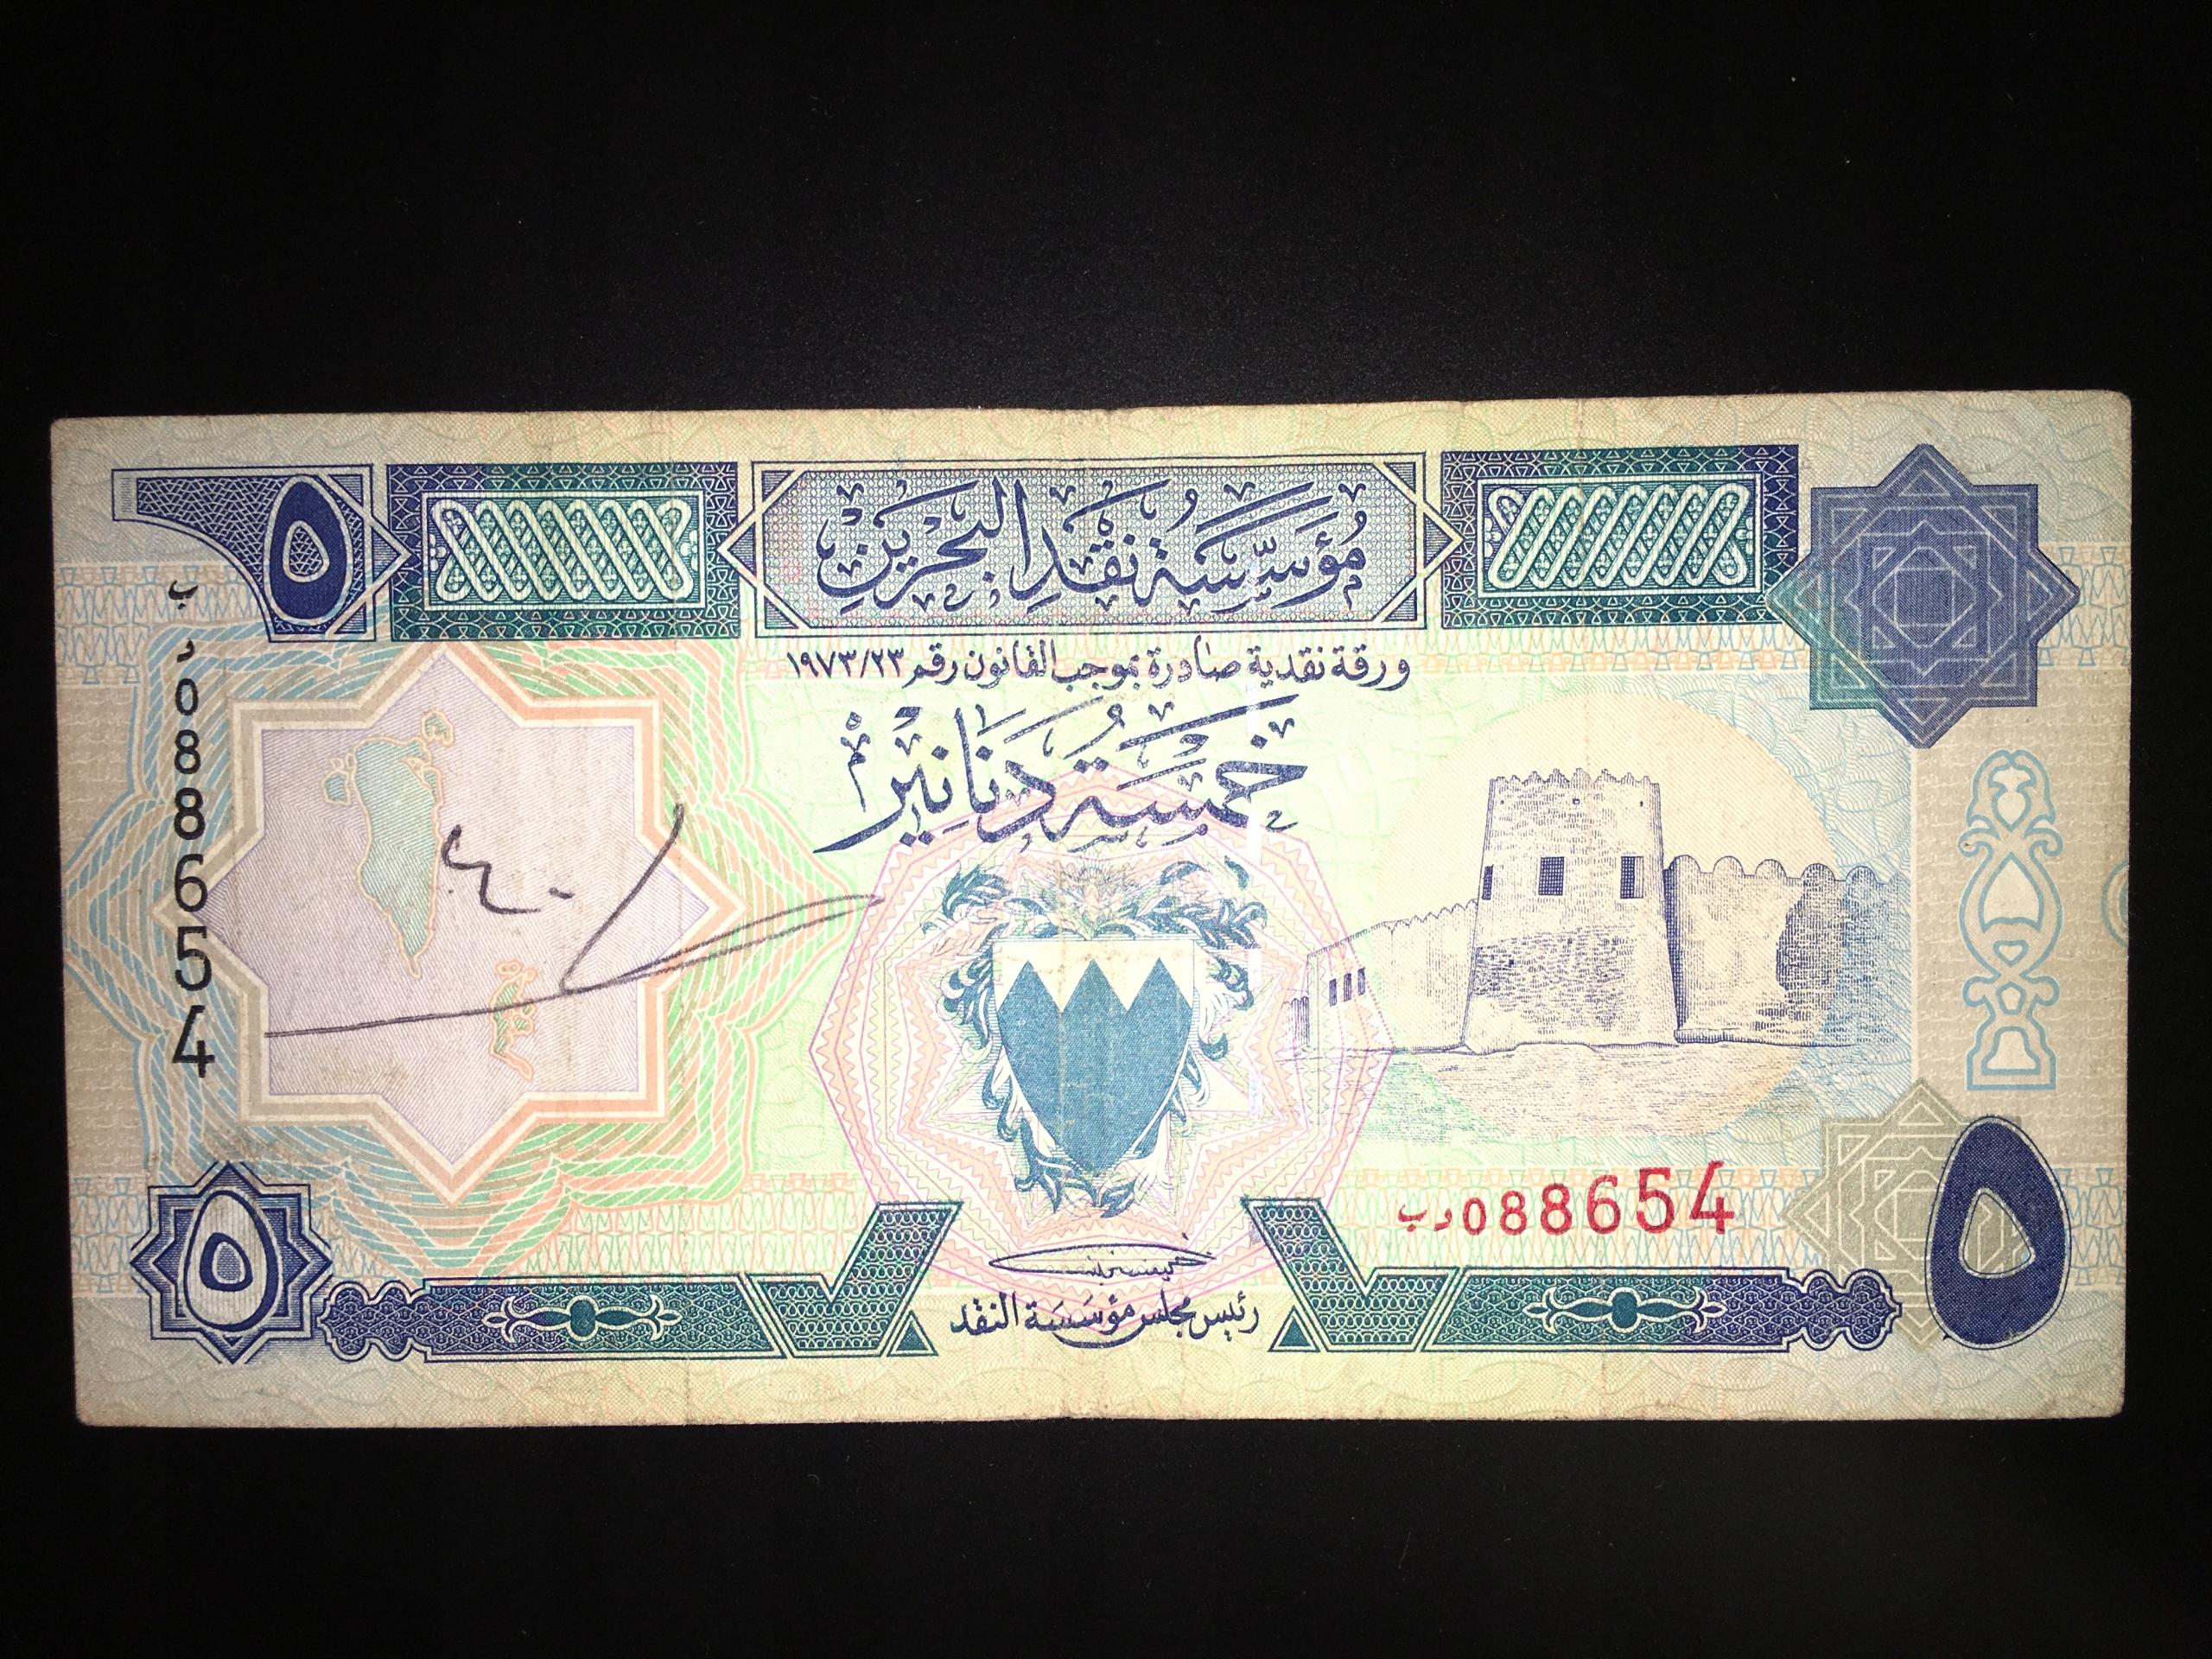 Bahrain, P-14, 1993, 5 Dinar, F+